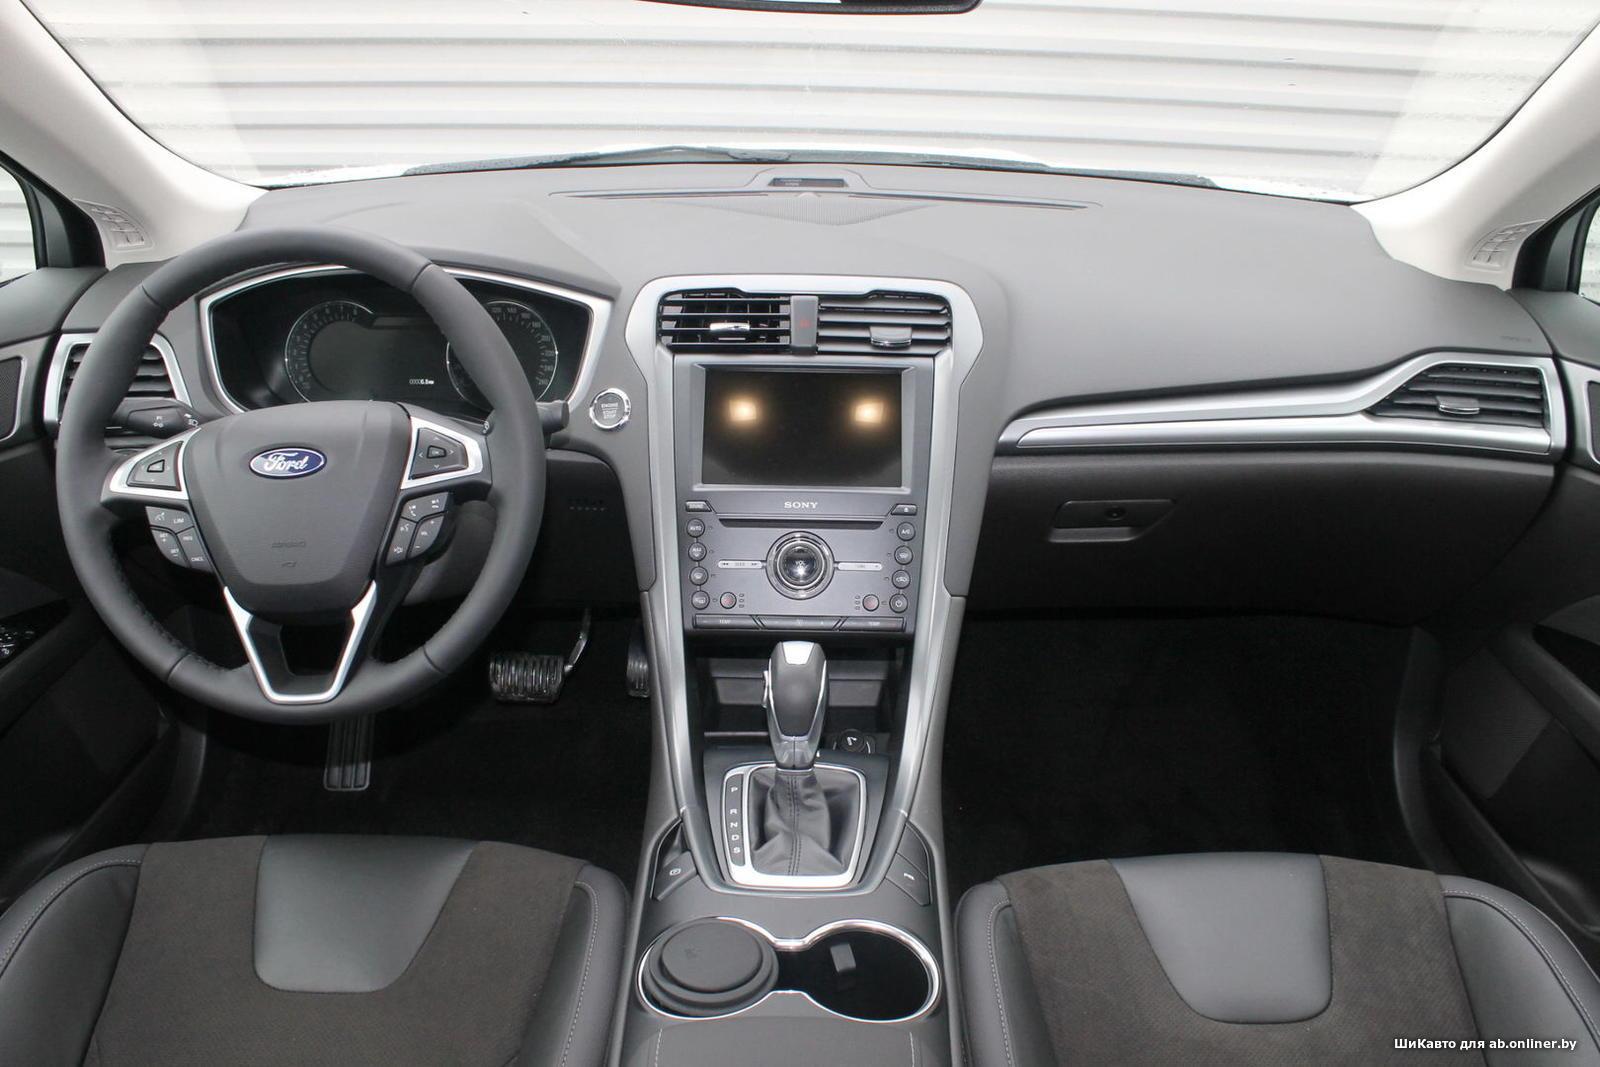 Ford Mondeo 2.5 TITANIUM